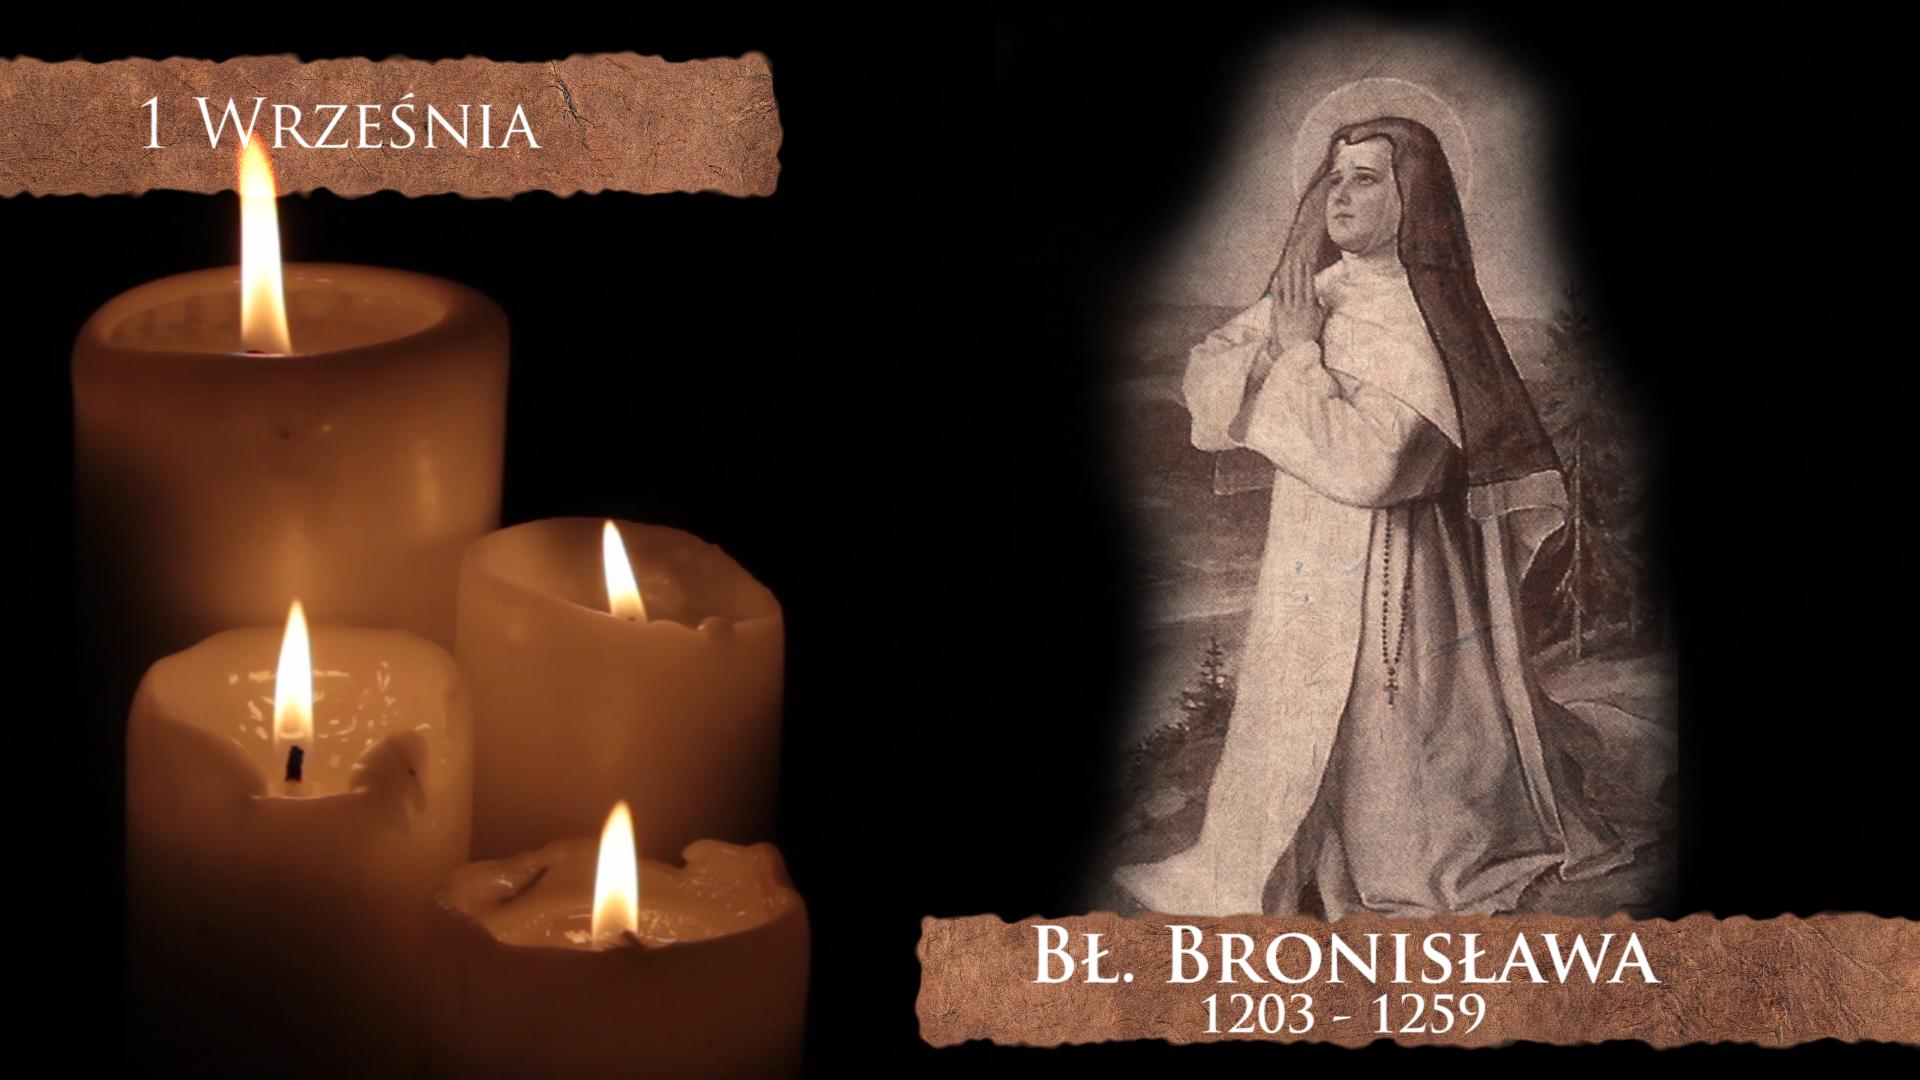 Bronisława, ta która broni naszej sławy